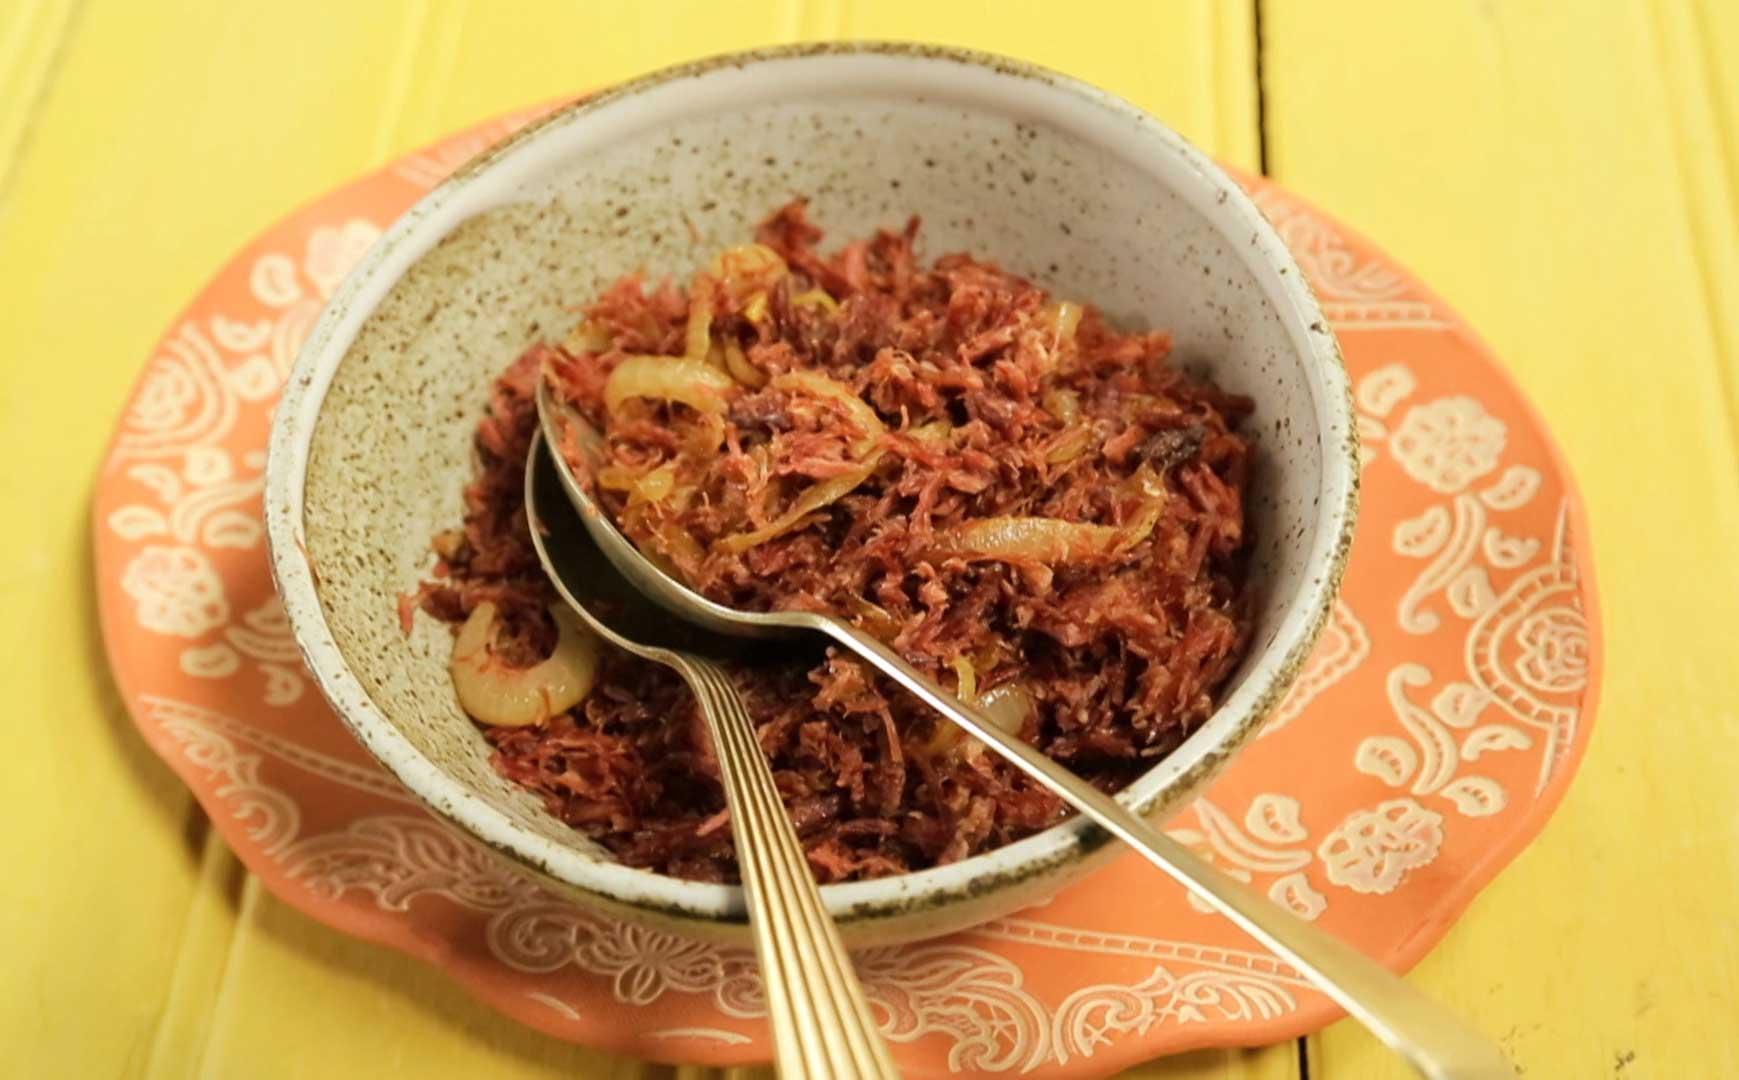 #B59216  acebolada: receita da Rita Lobo Cozinha Prática Programas GNT 1739x1080 px Projeto Cozinha Rita Lobo #2687 imagens